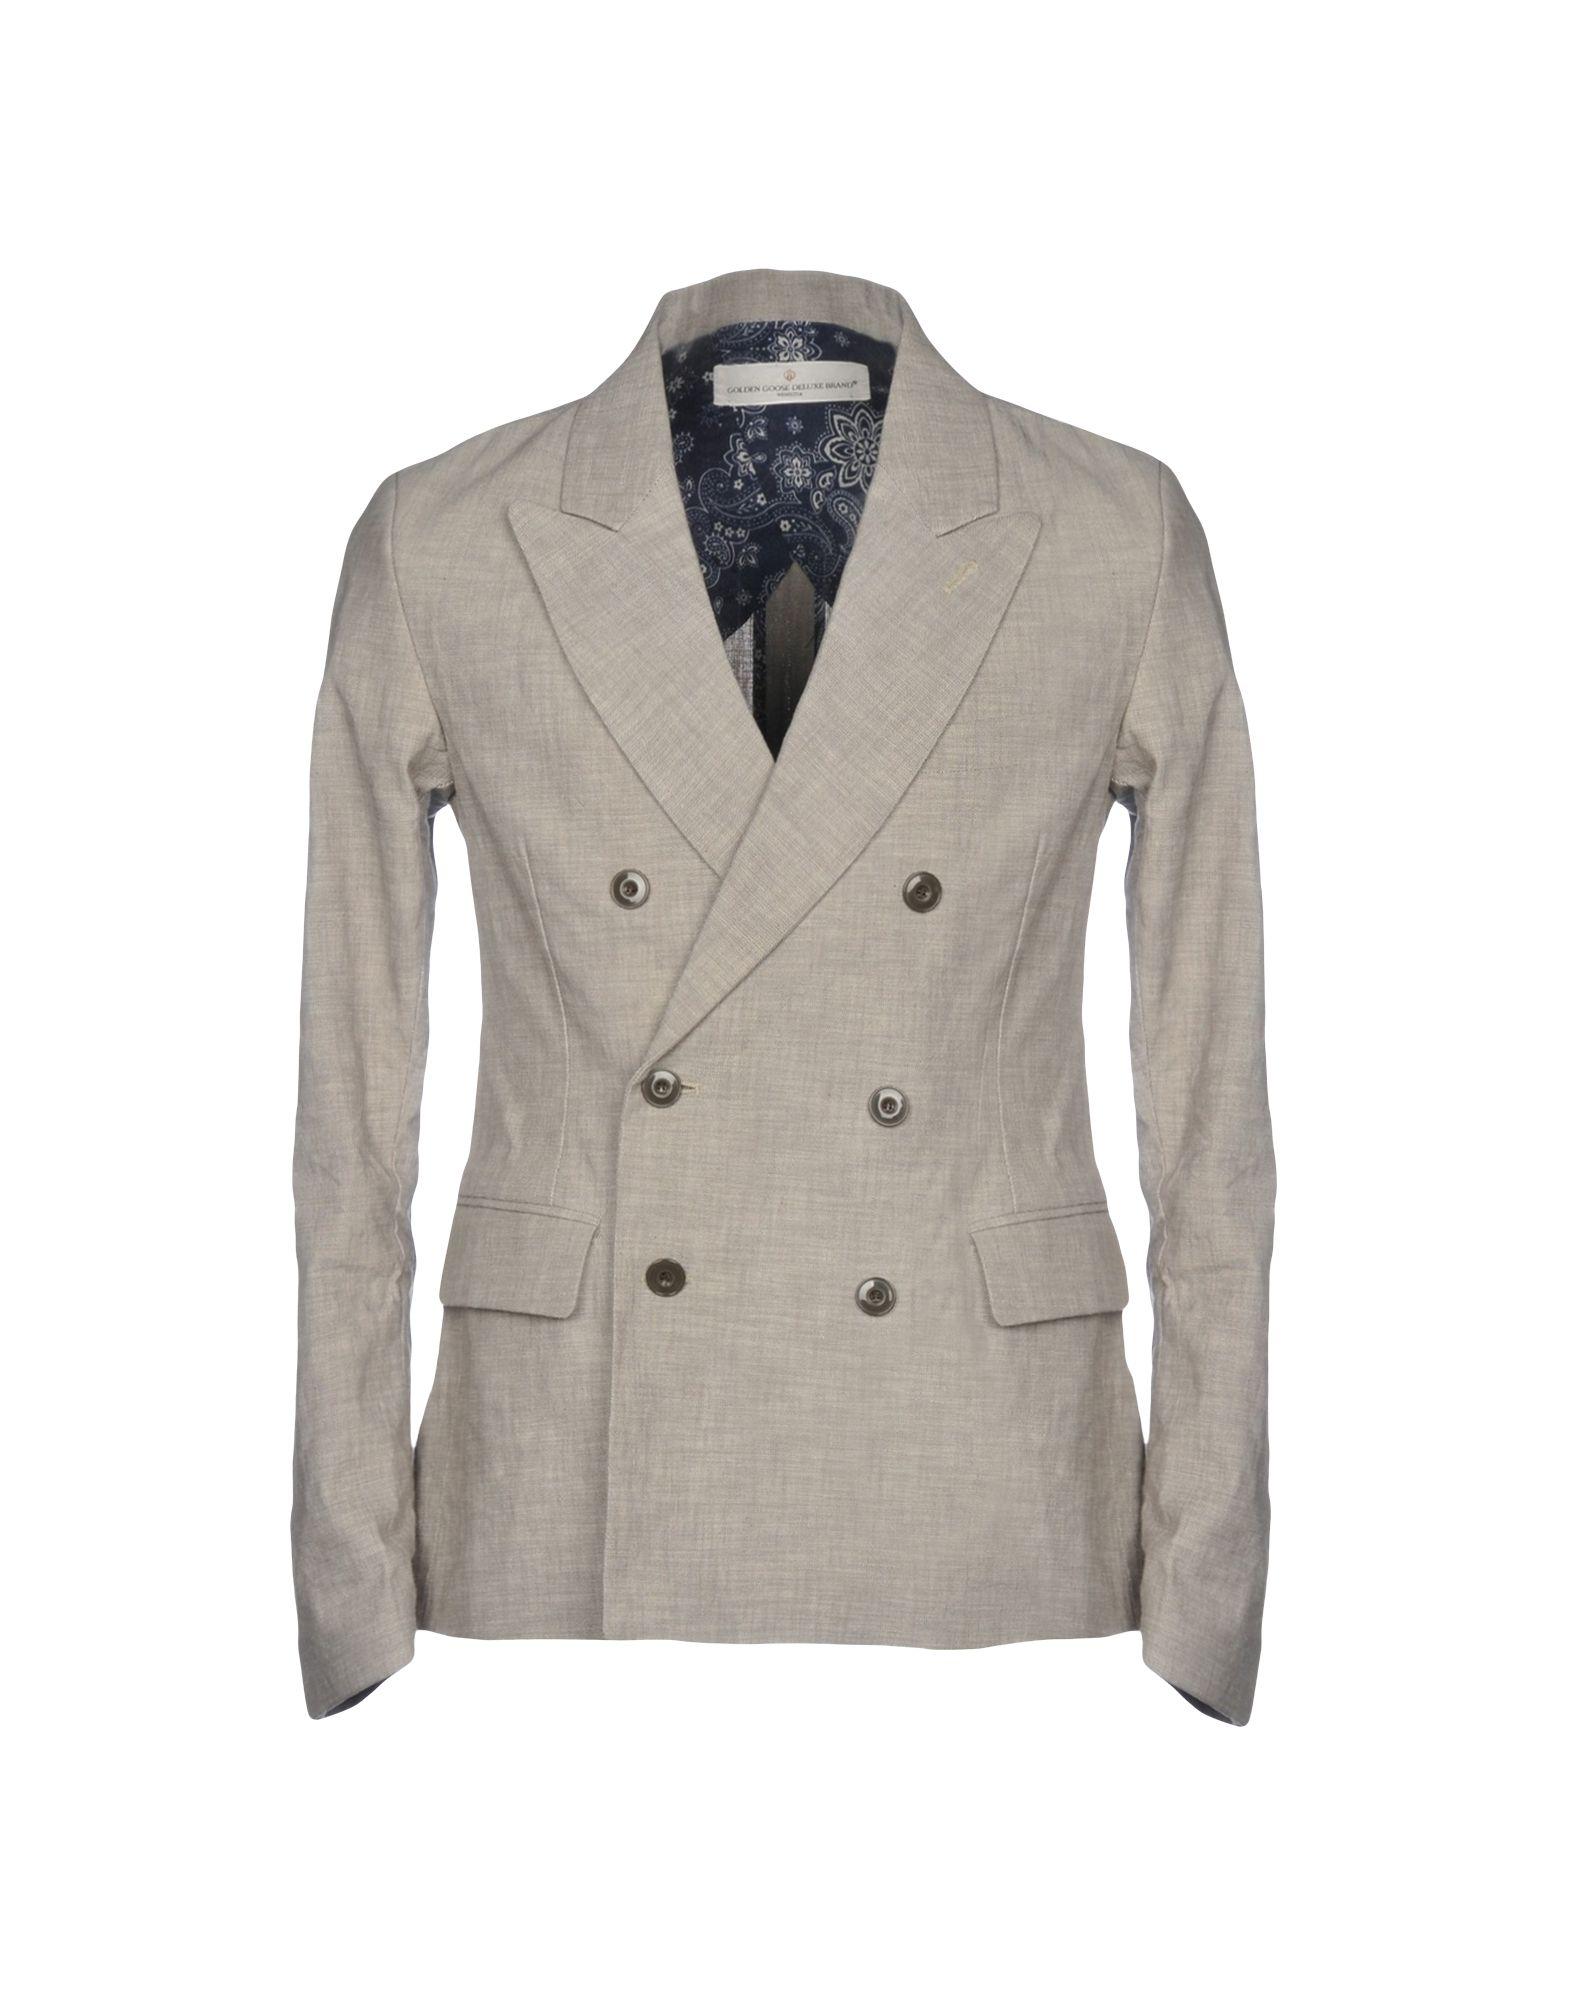 Фото - GOLDEN GOOSE DELUXE BRAND Пиджак golden goose deluxe brand пиджак